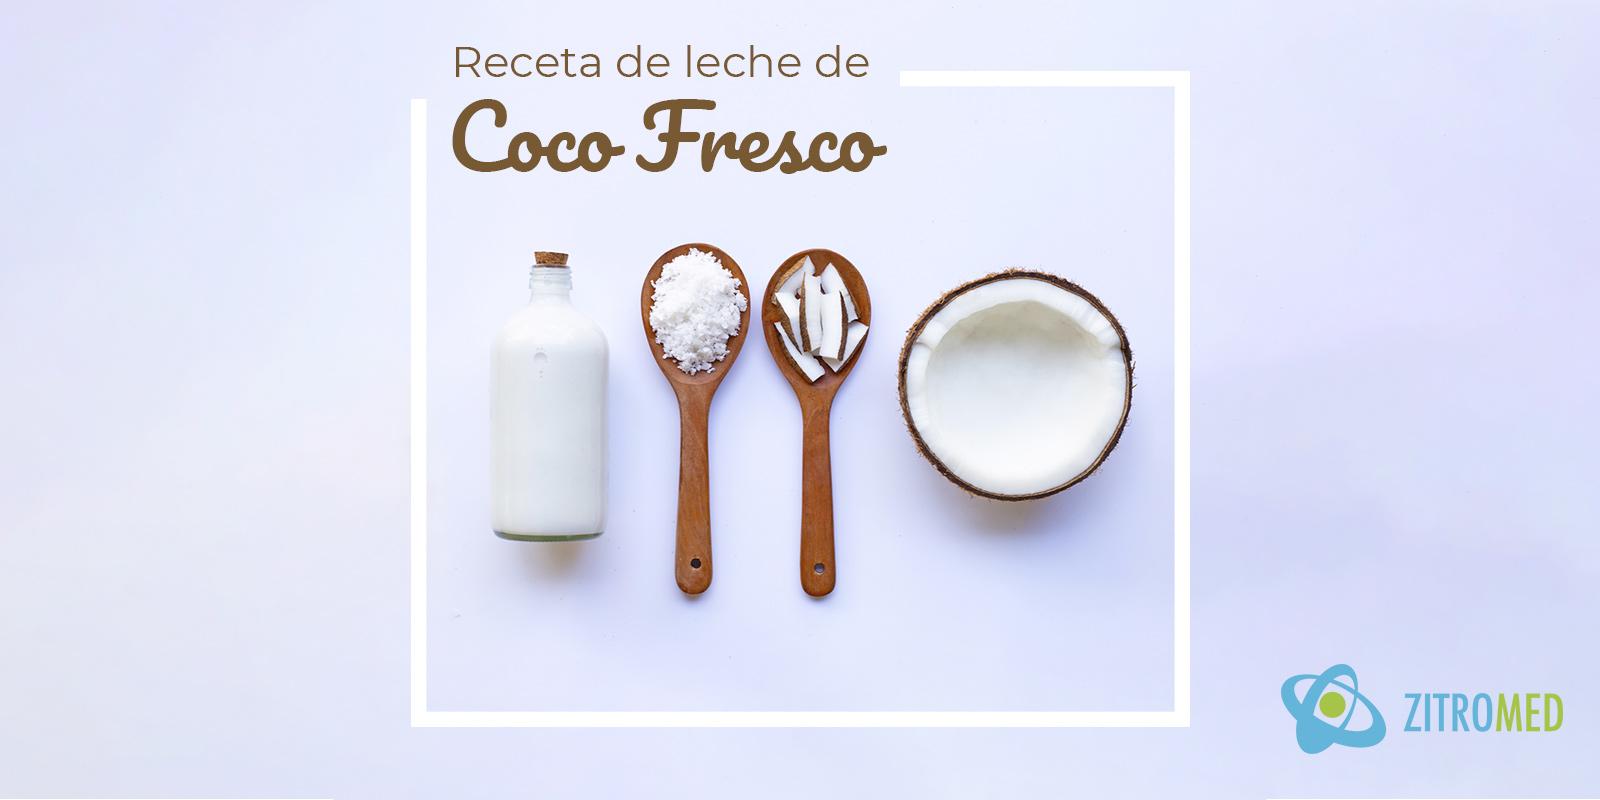 Receta de Leche de Coco Fresco